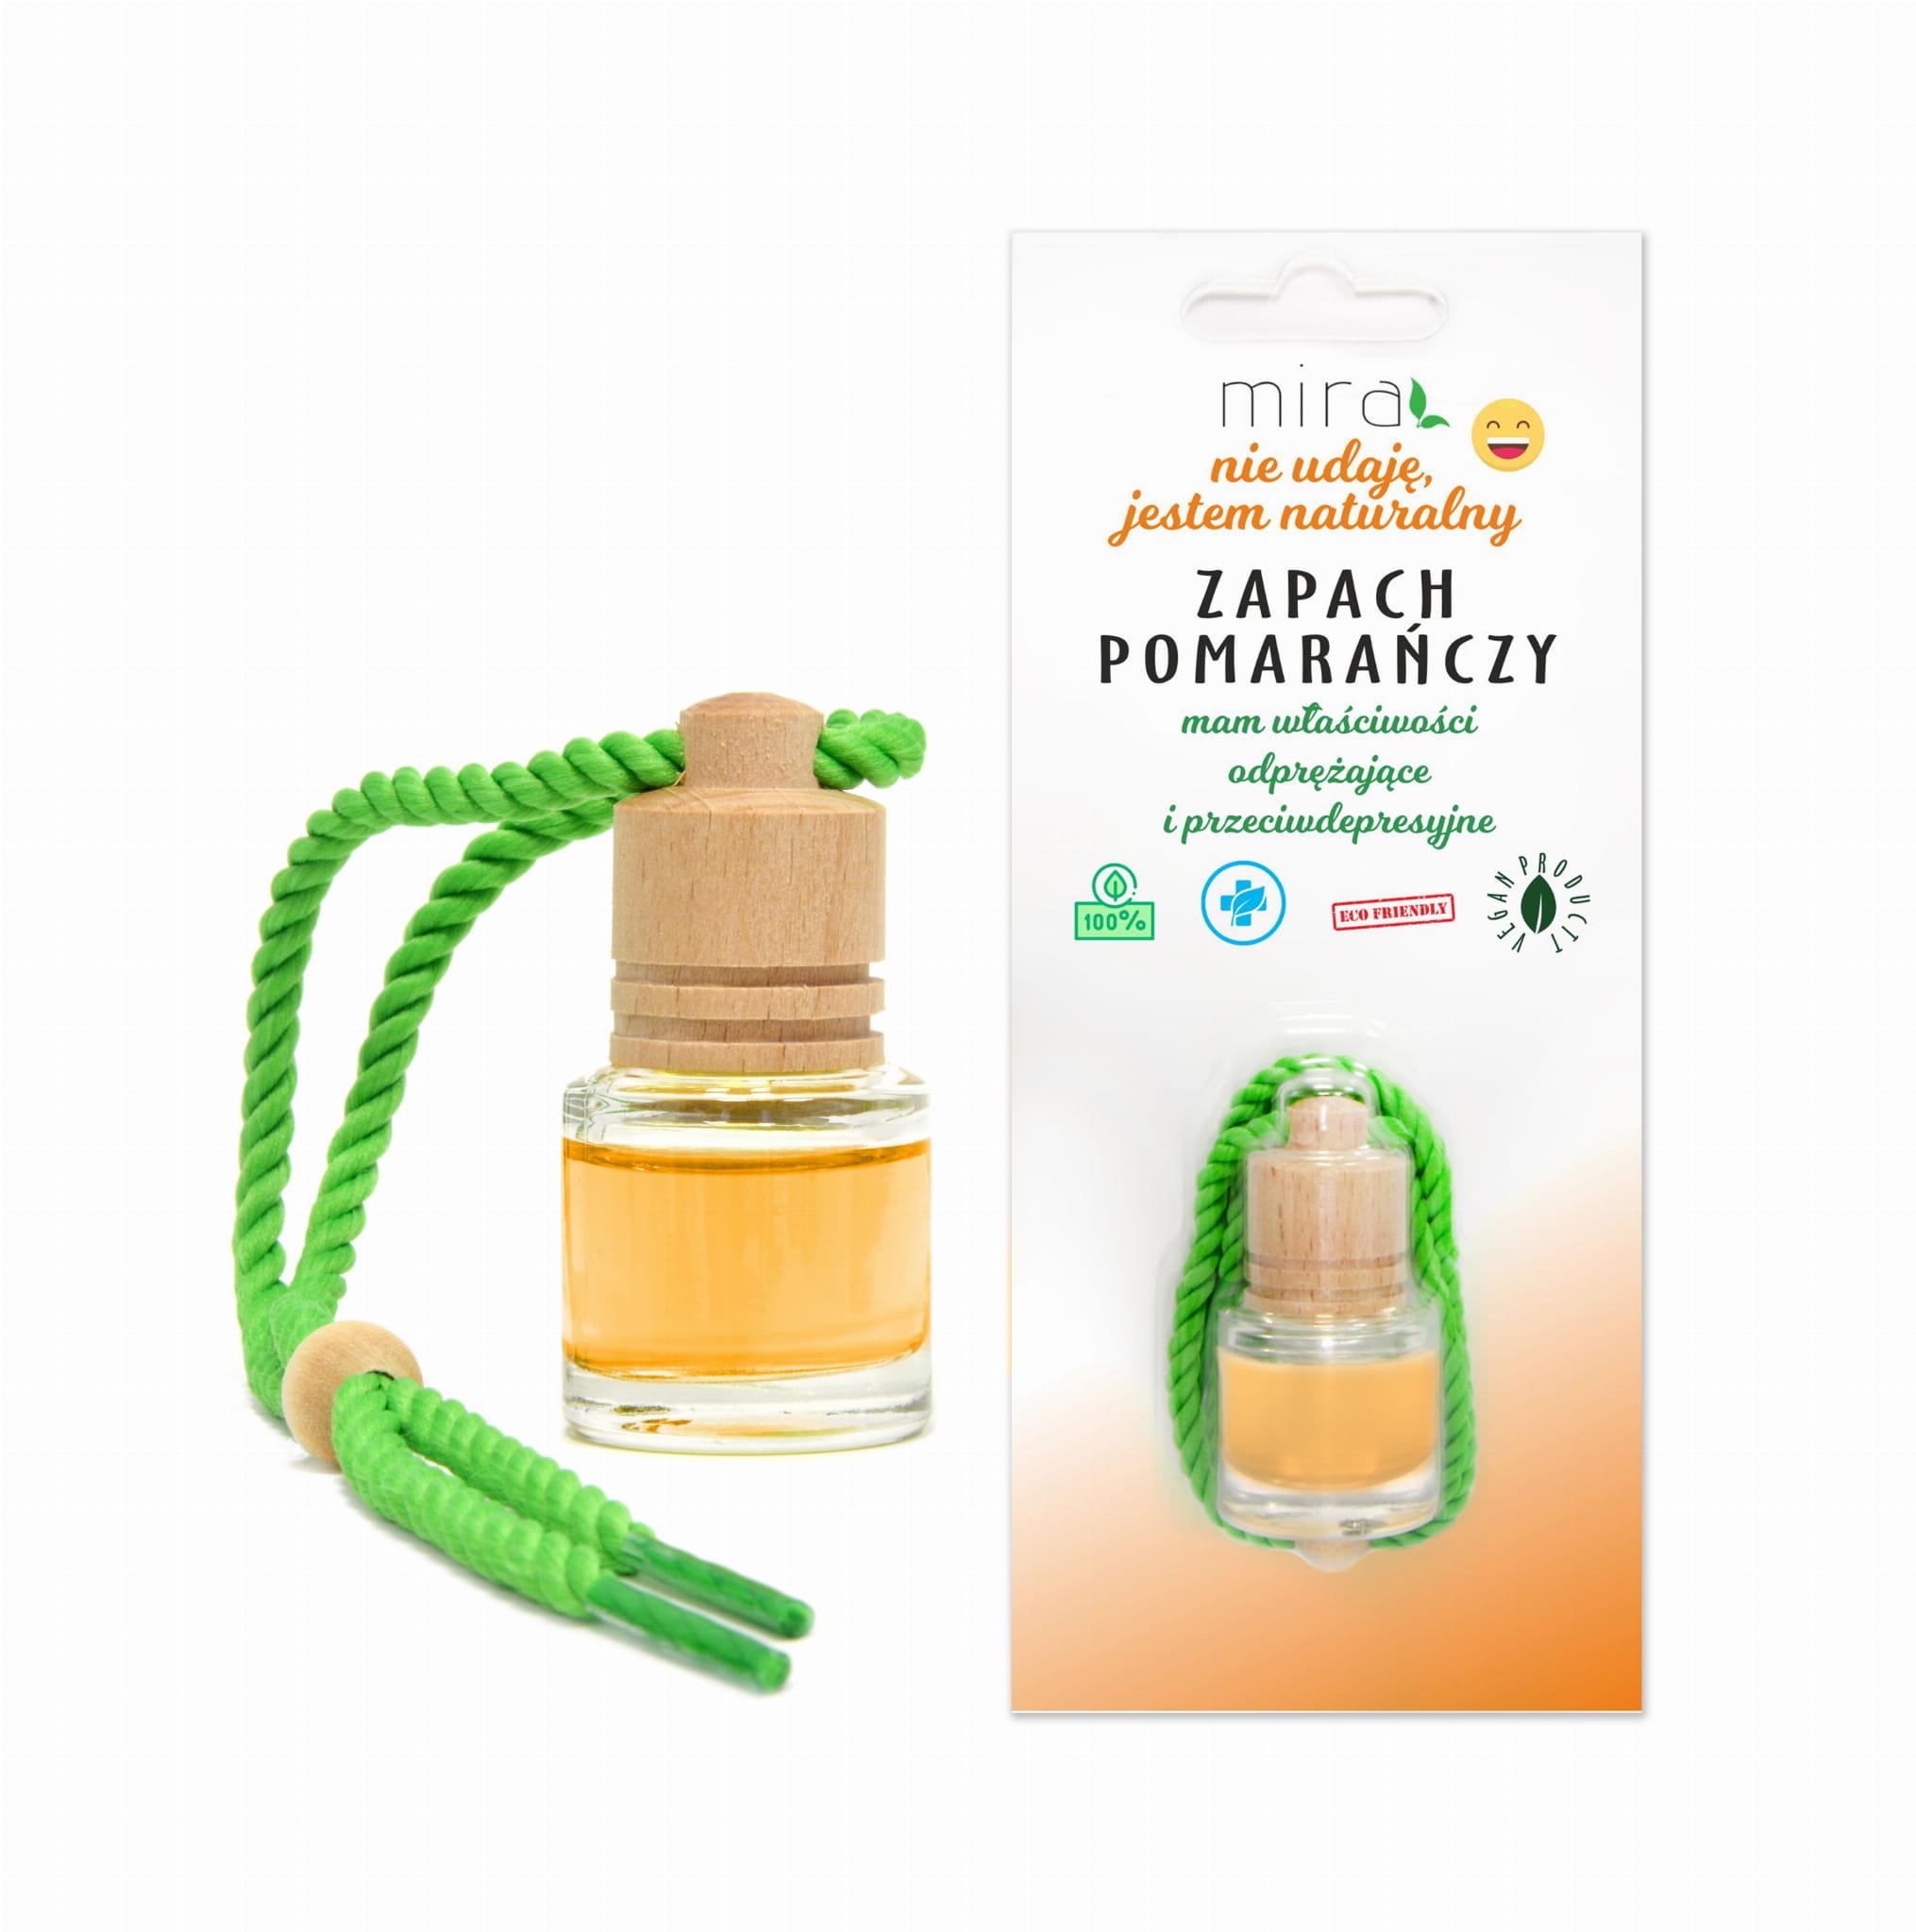 Naturalny zapach pomarańczy 5 ml